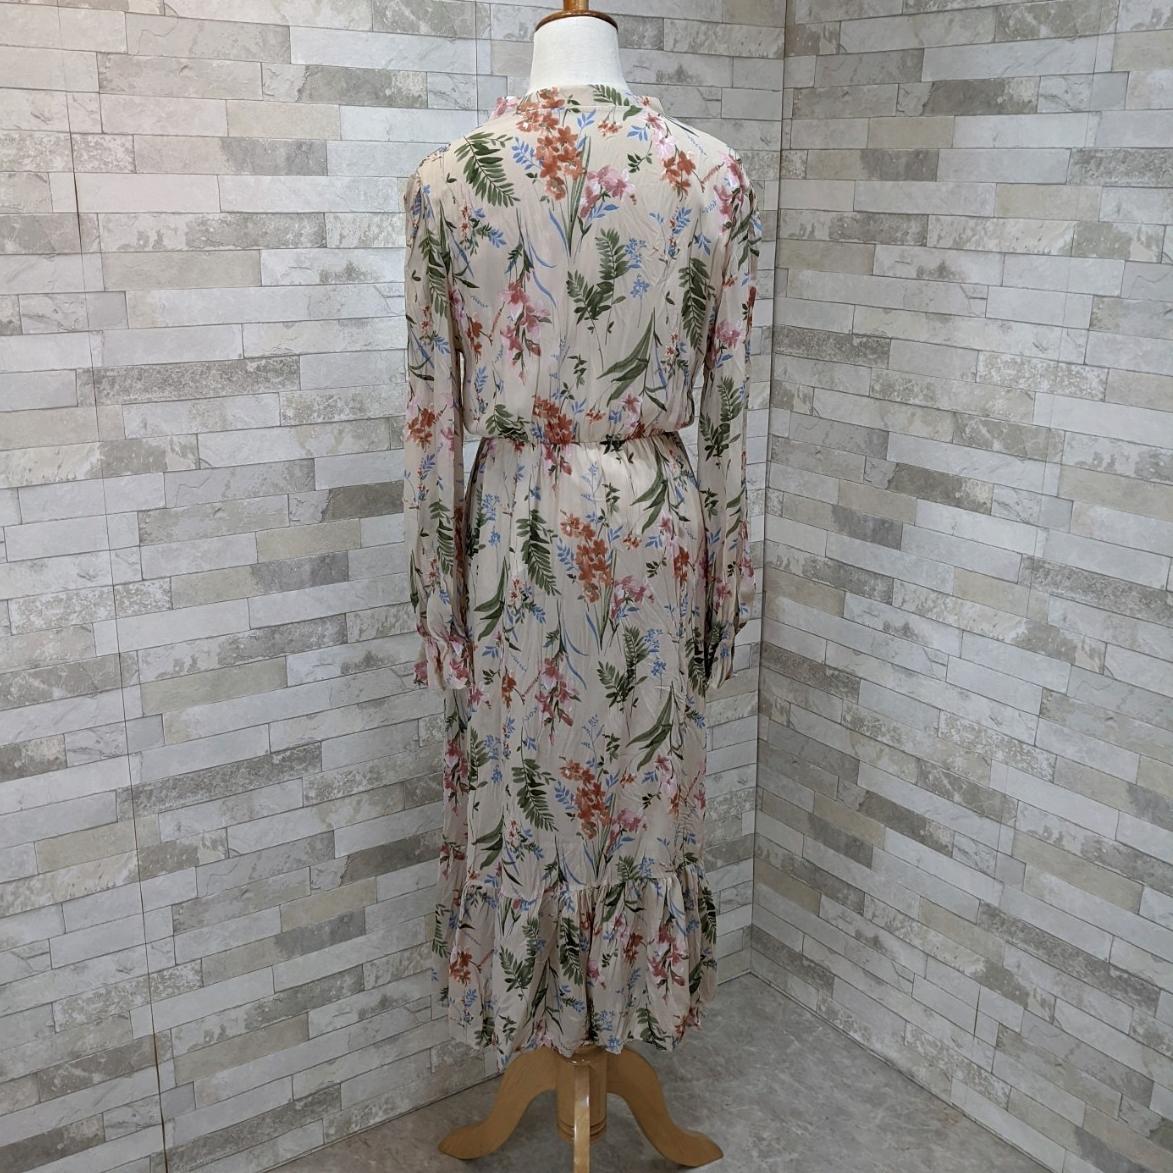 韓国 ファッション ワンピース 夏 春 カジュアル PTXH422  シアー シフォン風 エレガント 着回し オルチャン シンプル 定番 セレカジの写真17枚目